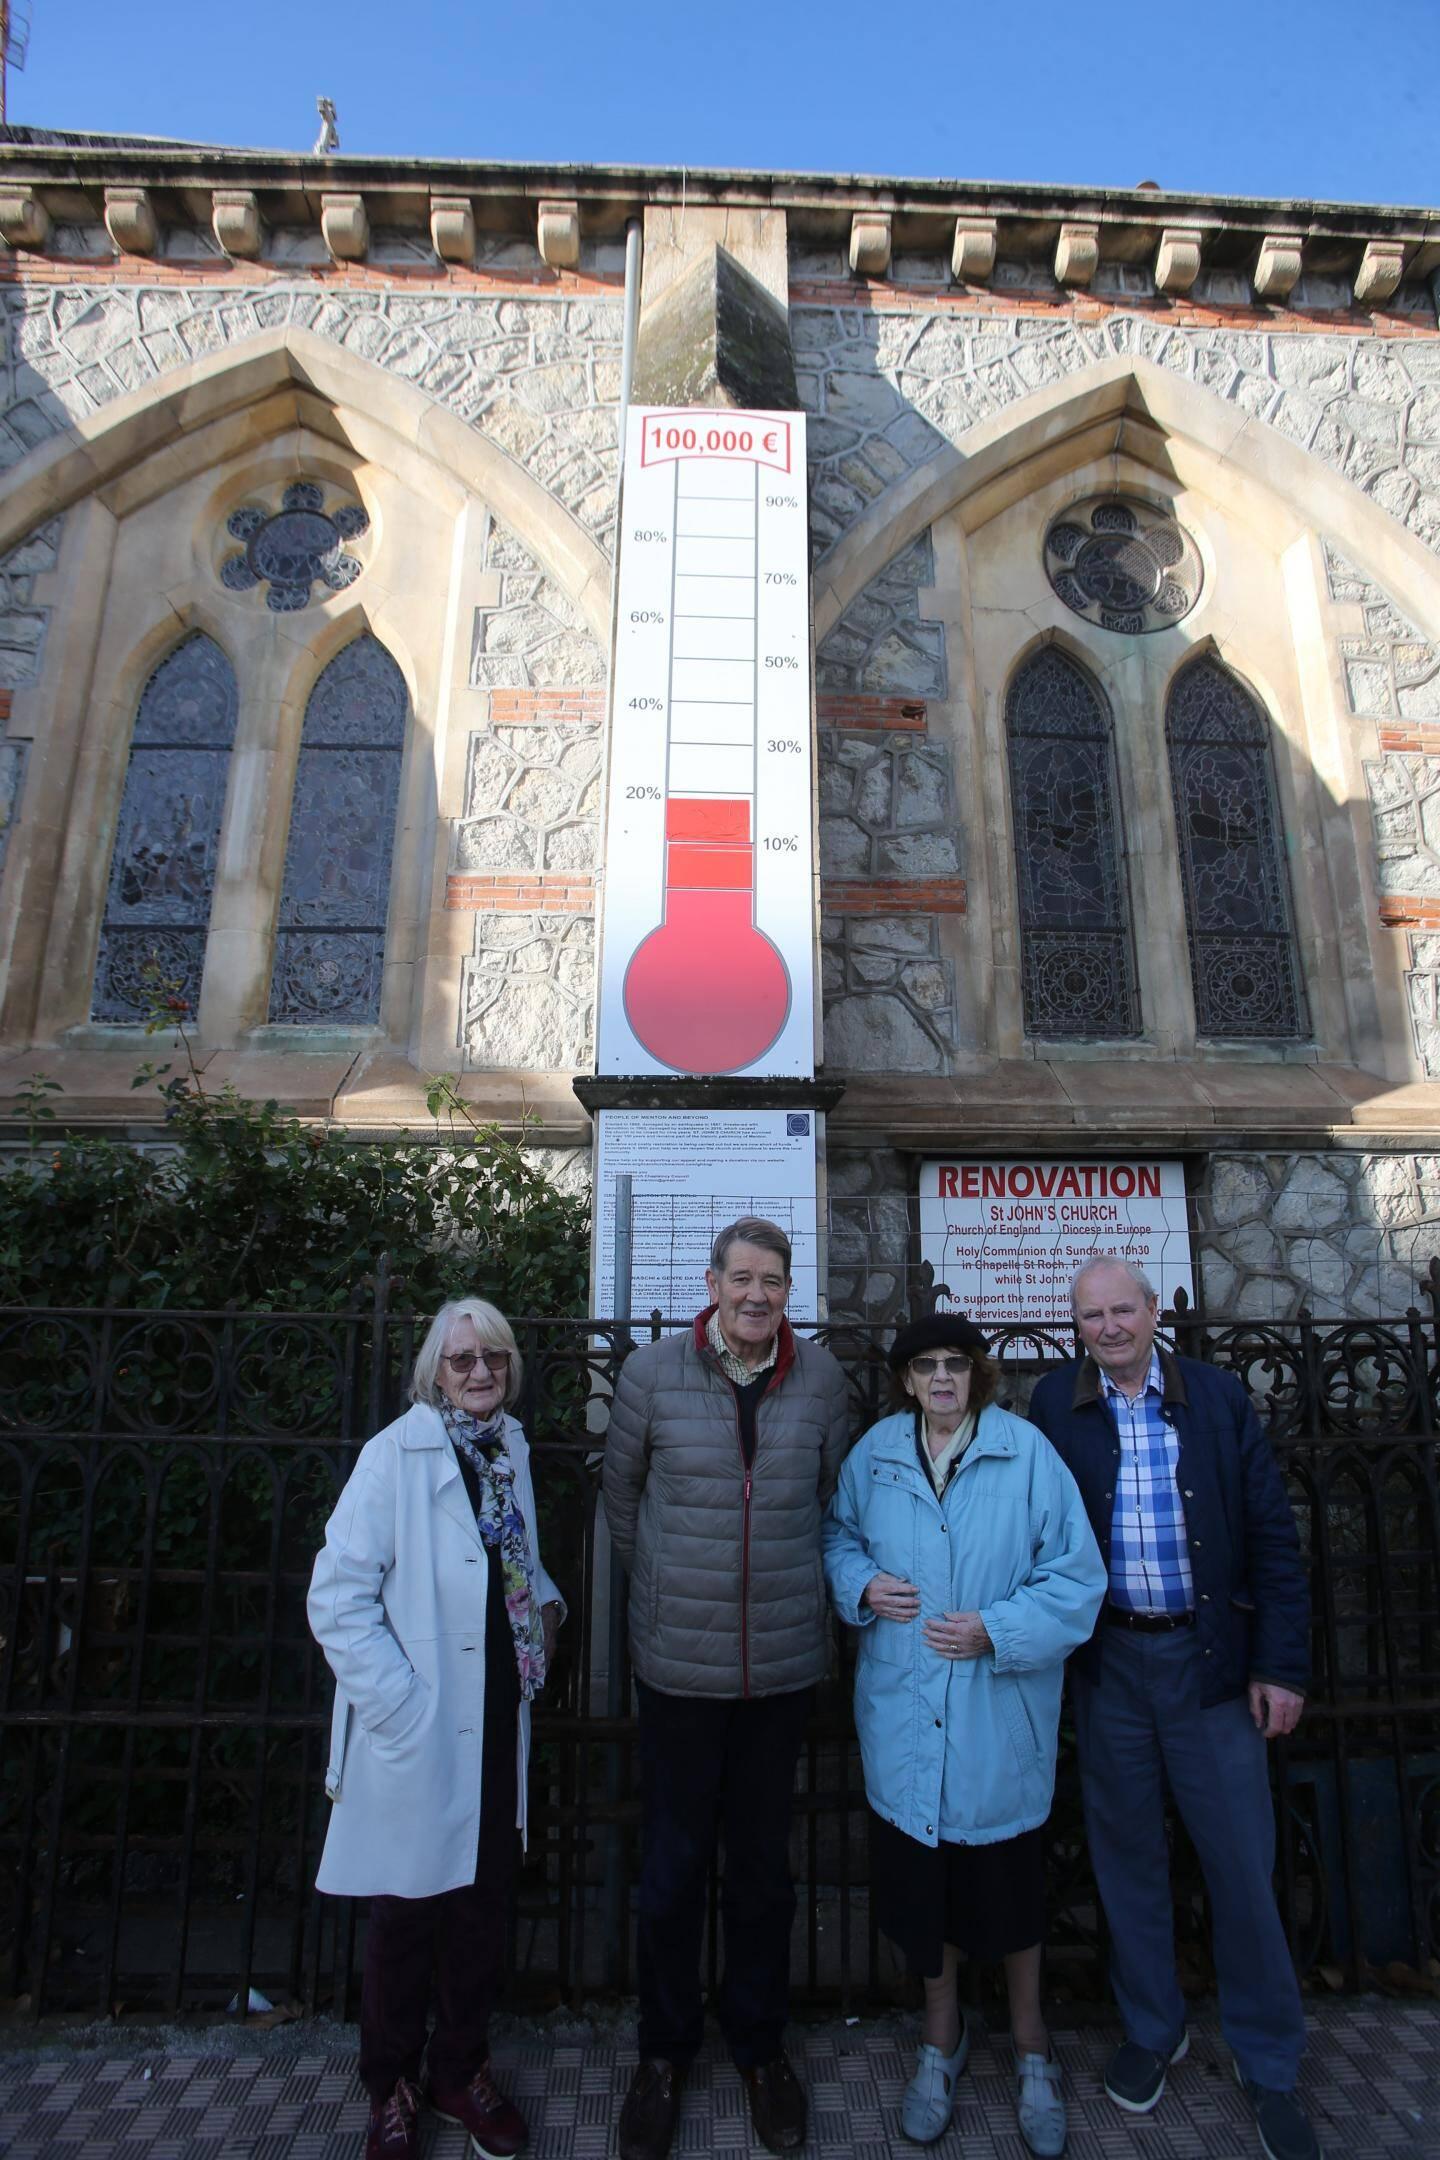 De gauche à droite, Carry Barbara, Wason John, Valérie Aucouturier et Burke Des devant la jauge.